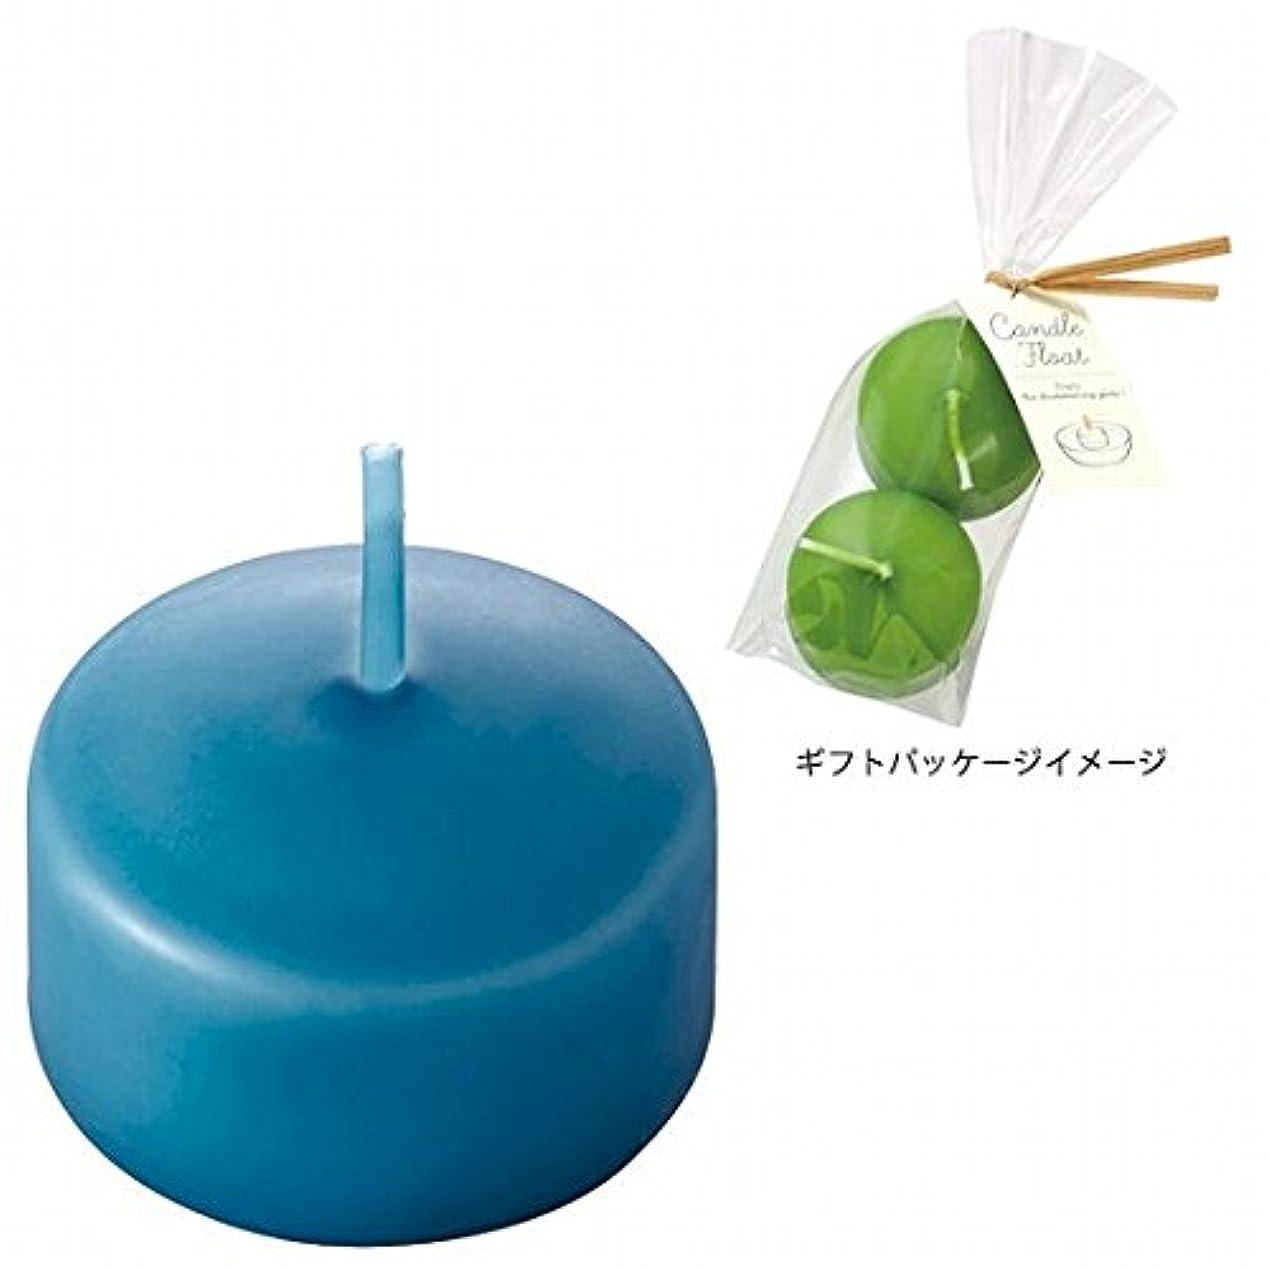 香りポスター大腿カメヤマキャンドル(kameyama candle) ハッピープール(2個入り) キャンドル 「コバルトブルー」